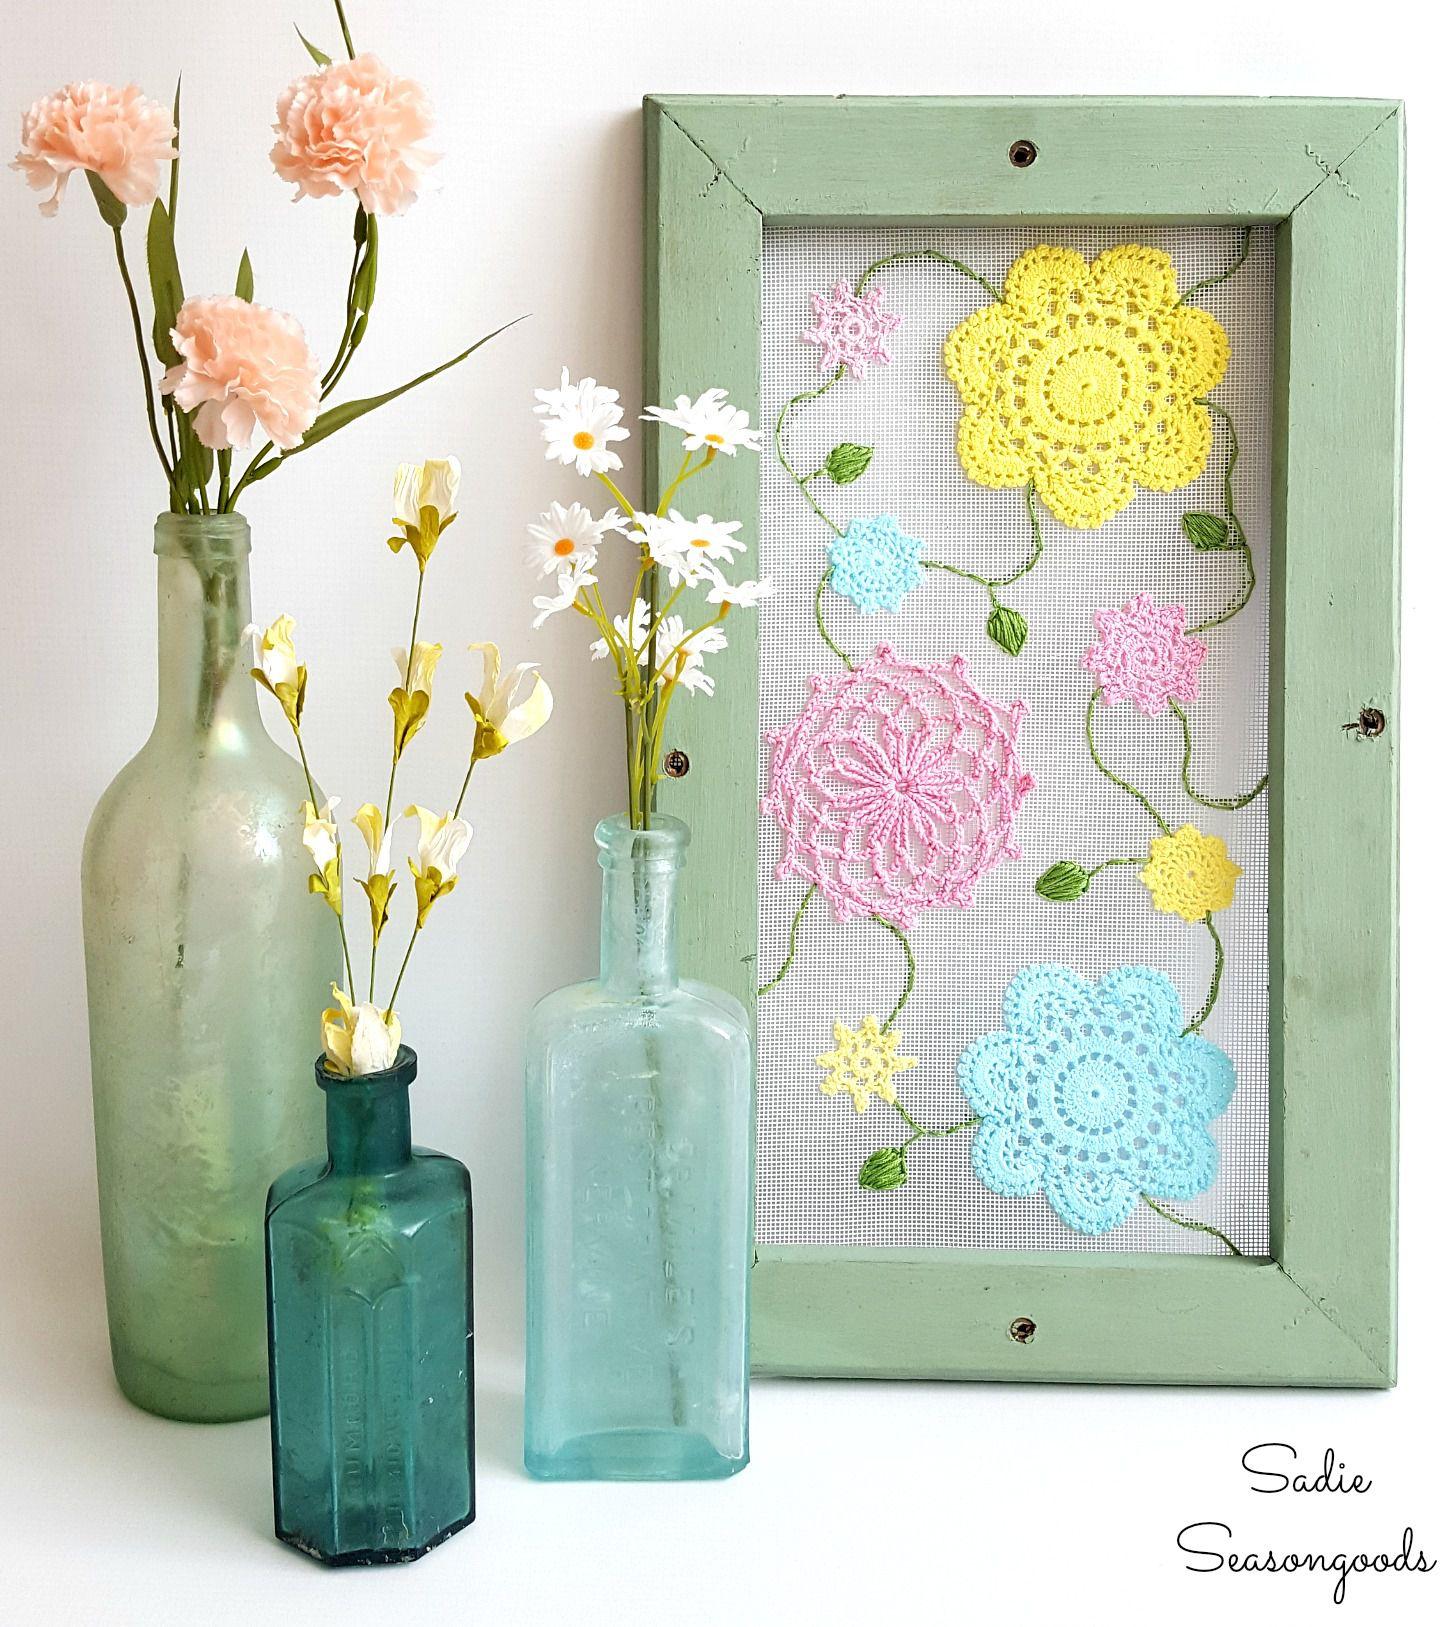 картина салфетки панно дома декор для весна сам вязанные сделай идеи дом